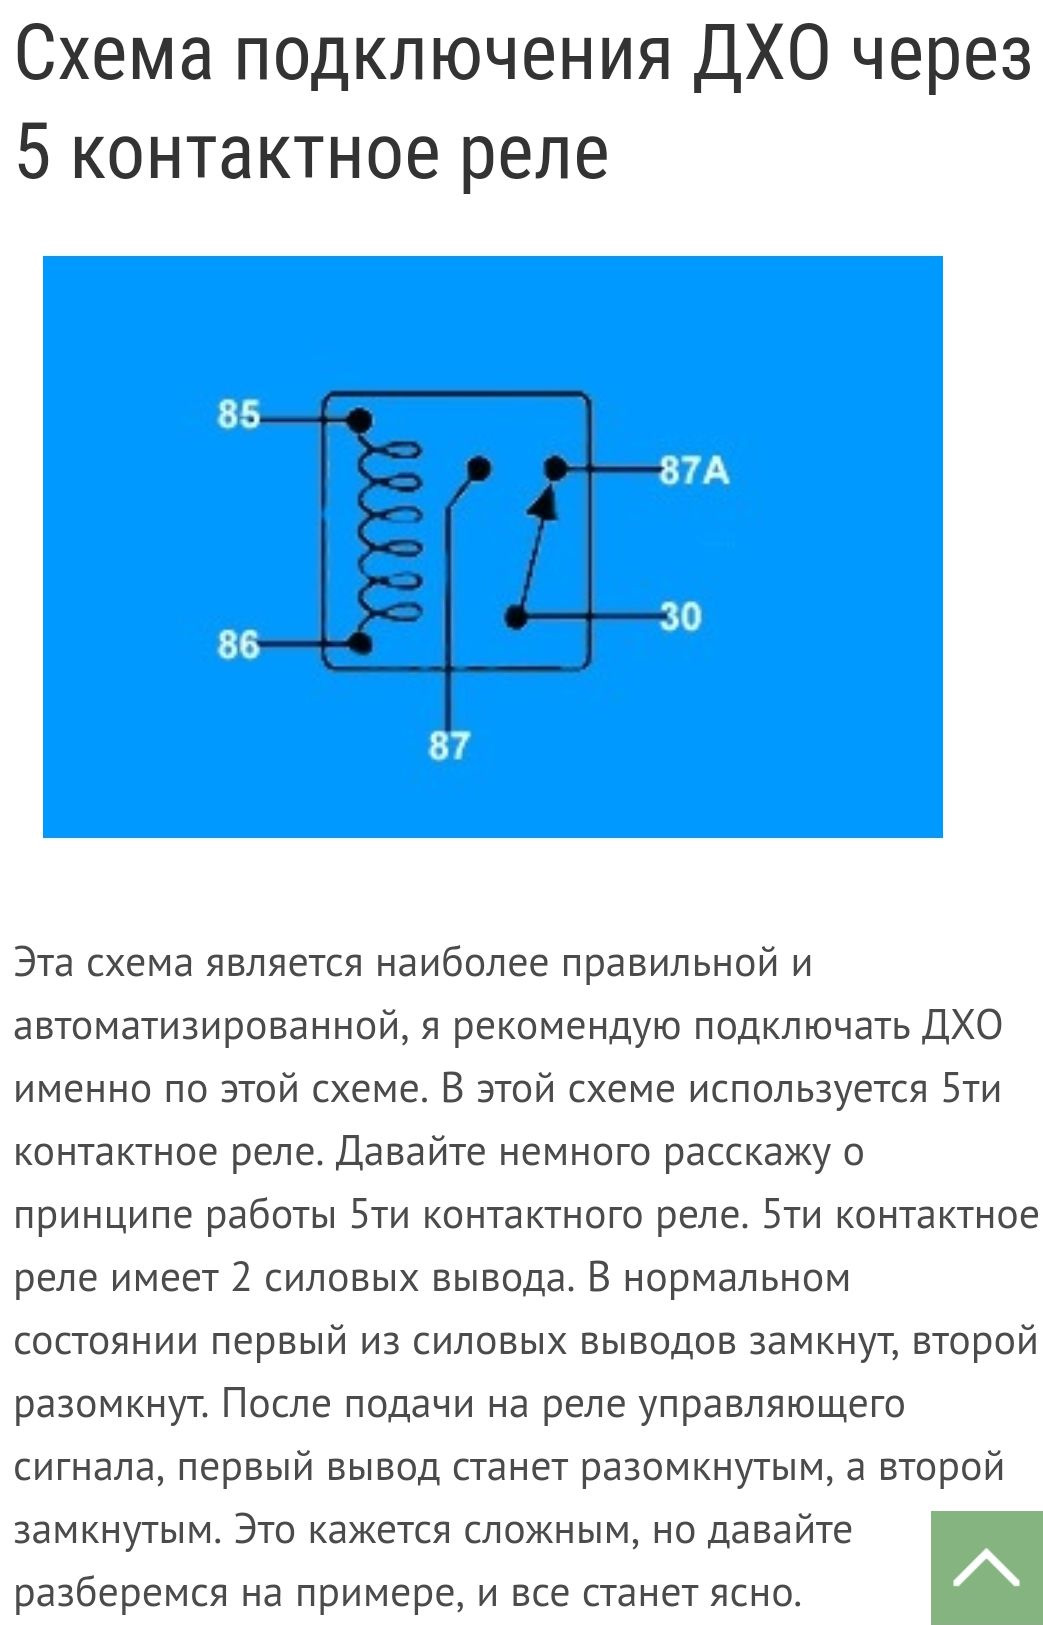 Как подключить двух-, четырех- и пятиконтактное реле